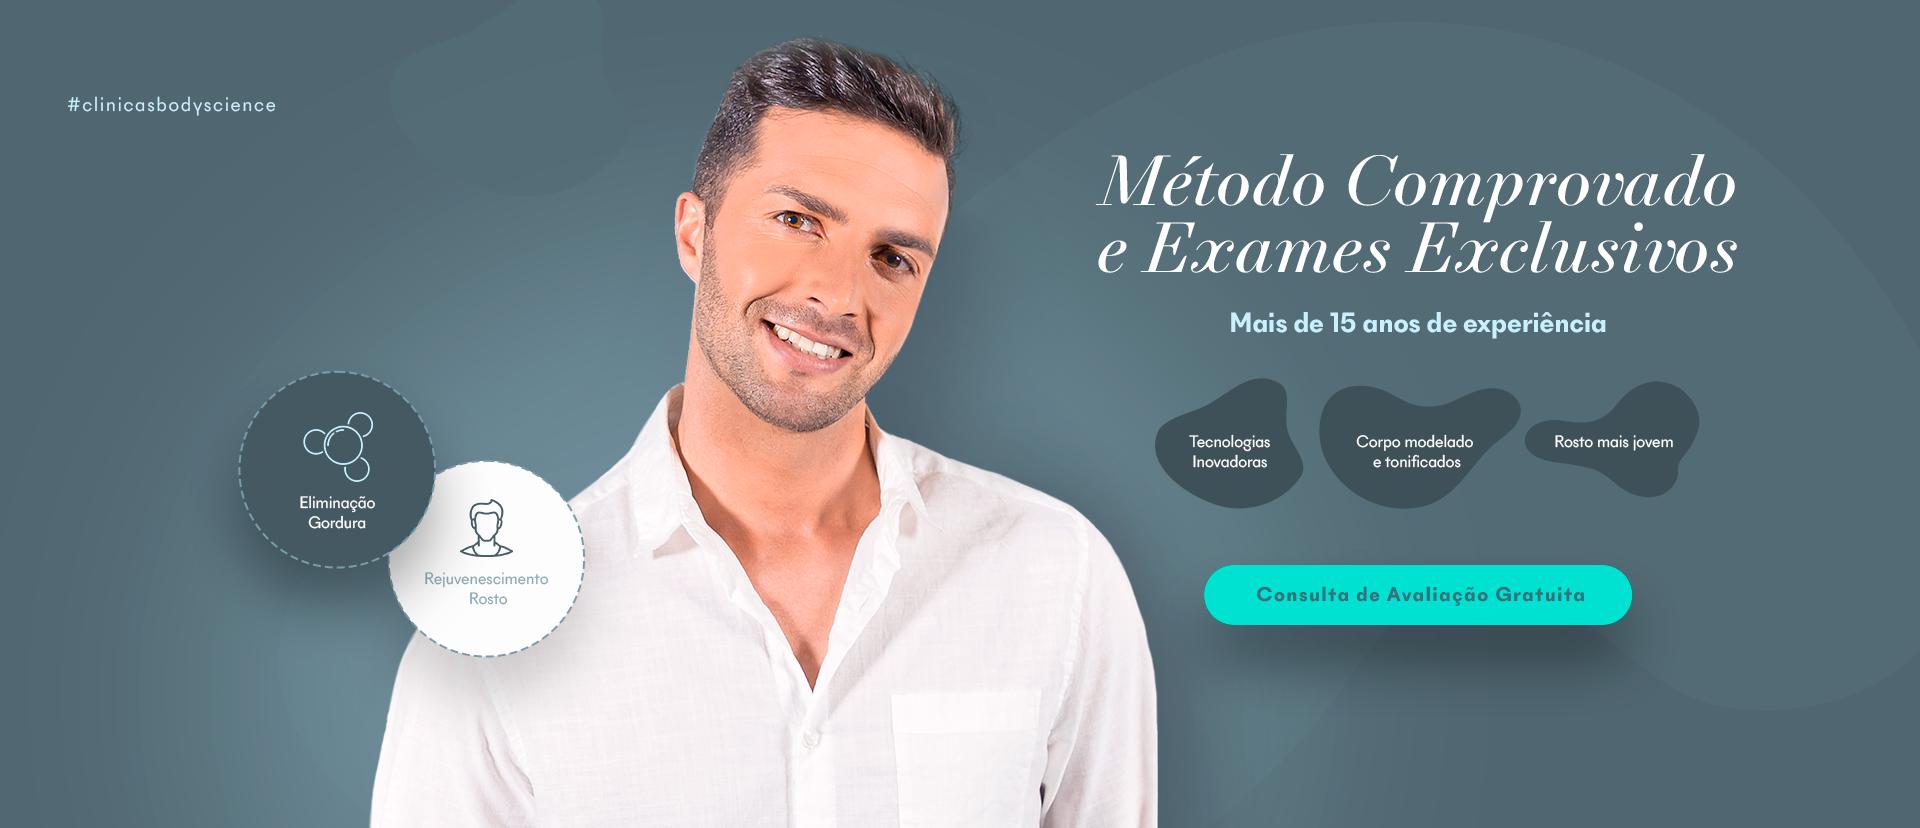 bodyscience, clinica estetica, corpo, rosto, tratamentos, tratamentos corpo, tratamentos rosto, Atendimento de excelência